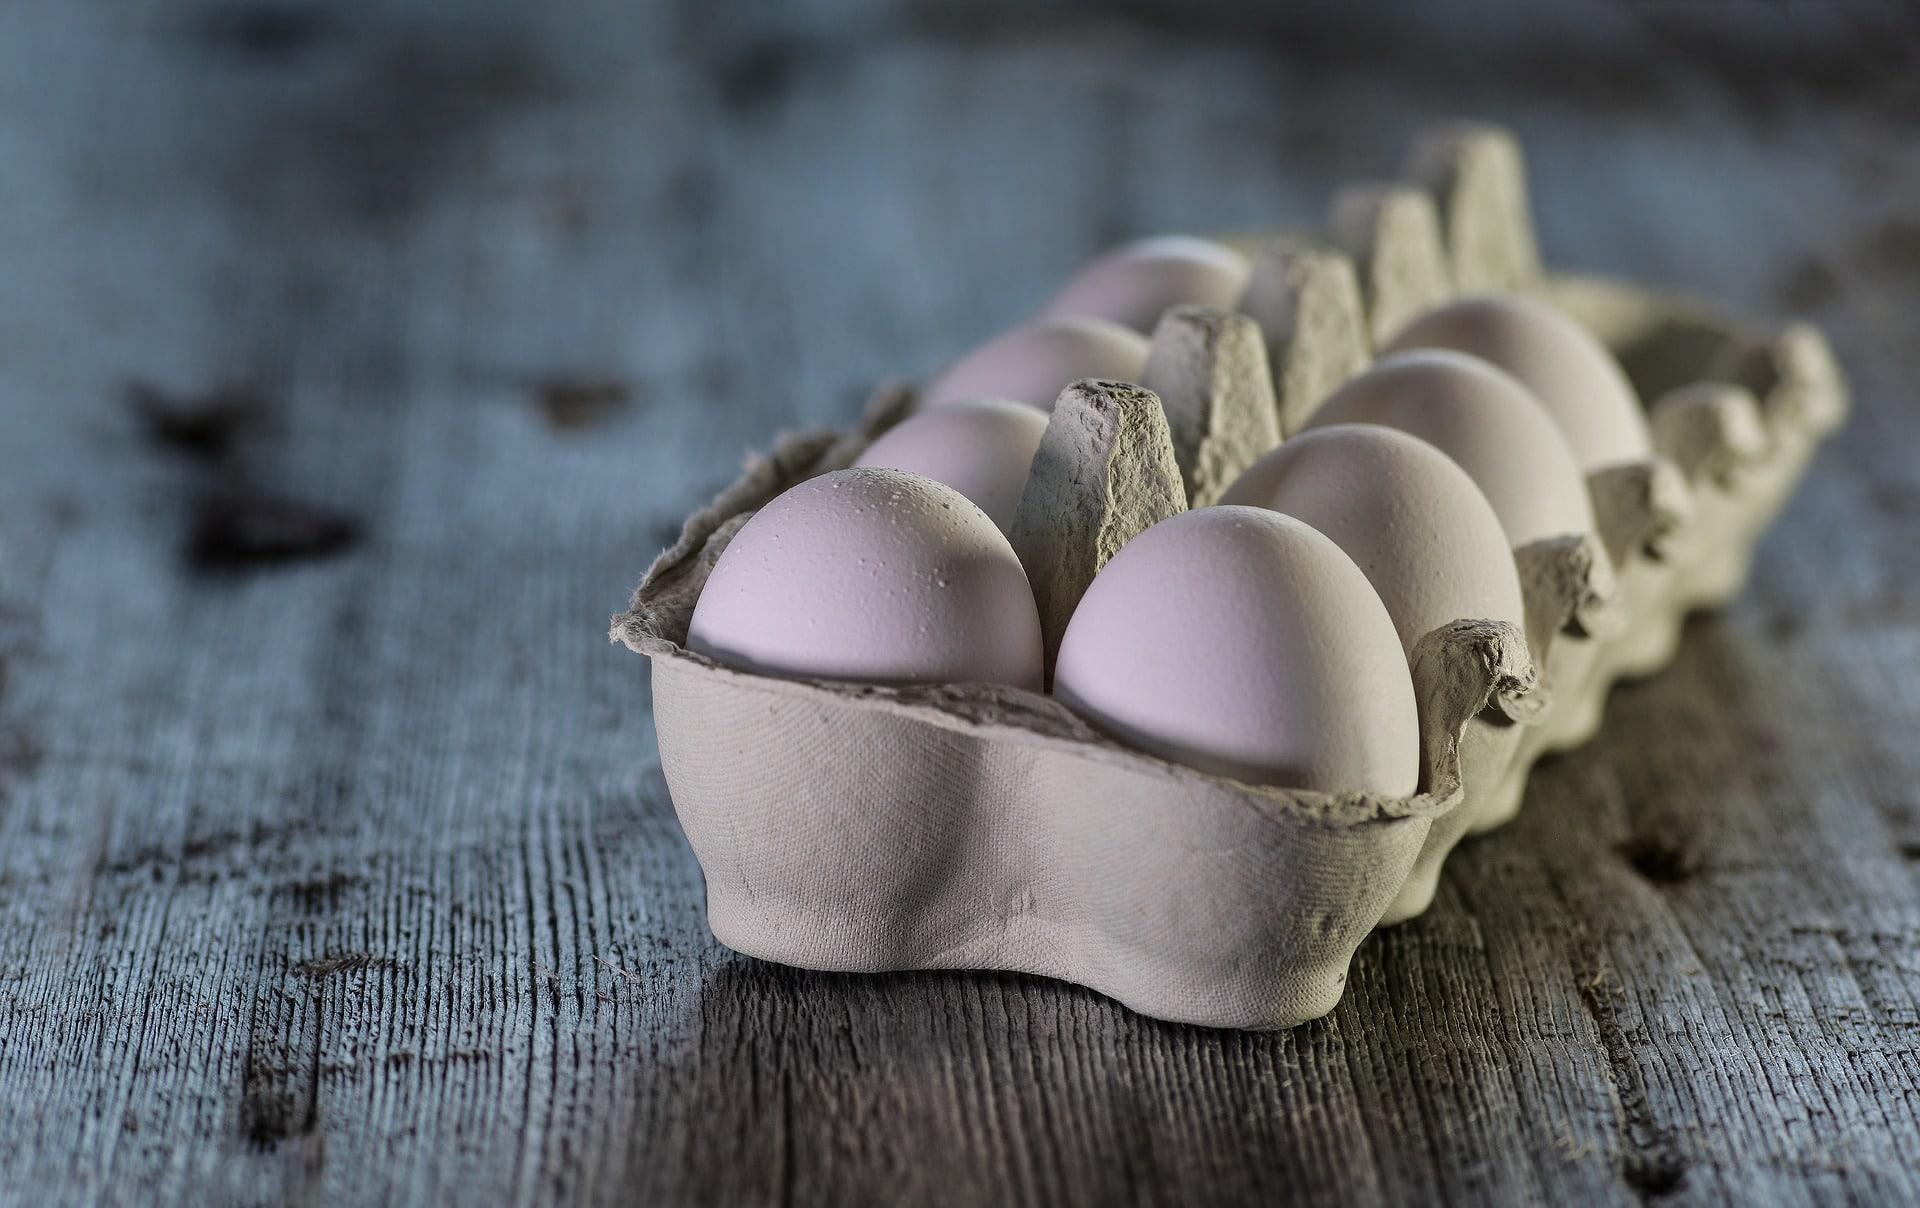 כמה חלבון יש בביצה?